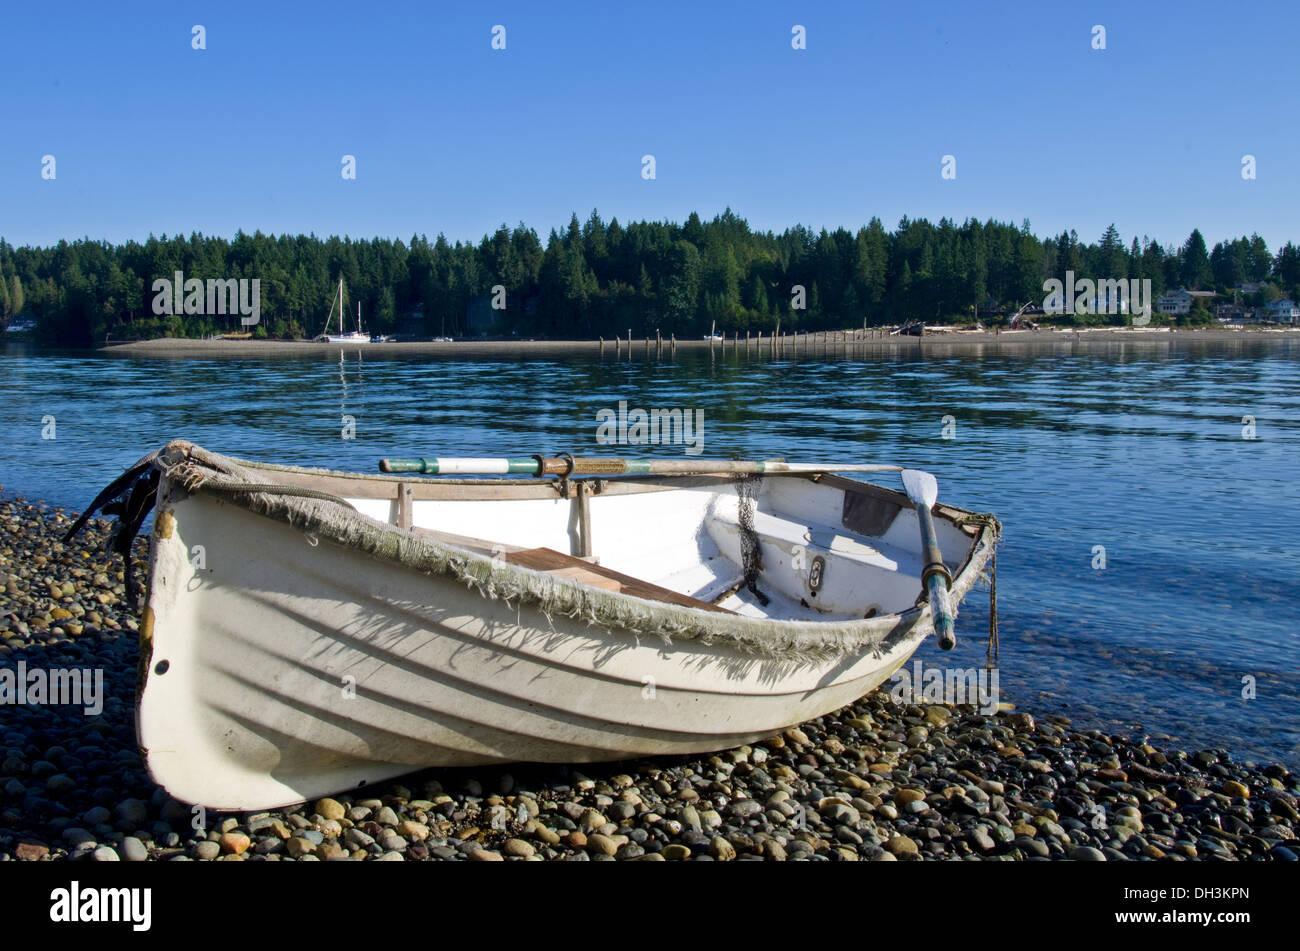 Rowboat Stock Photos & Rowboat Stock Images - Alamy